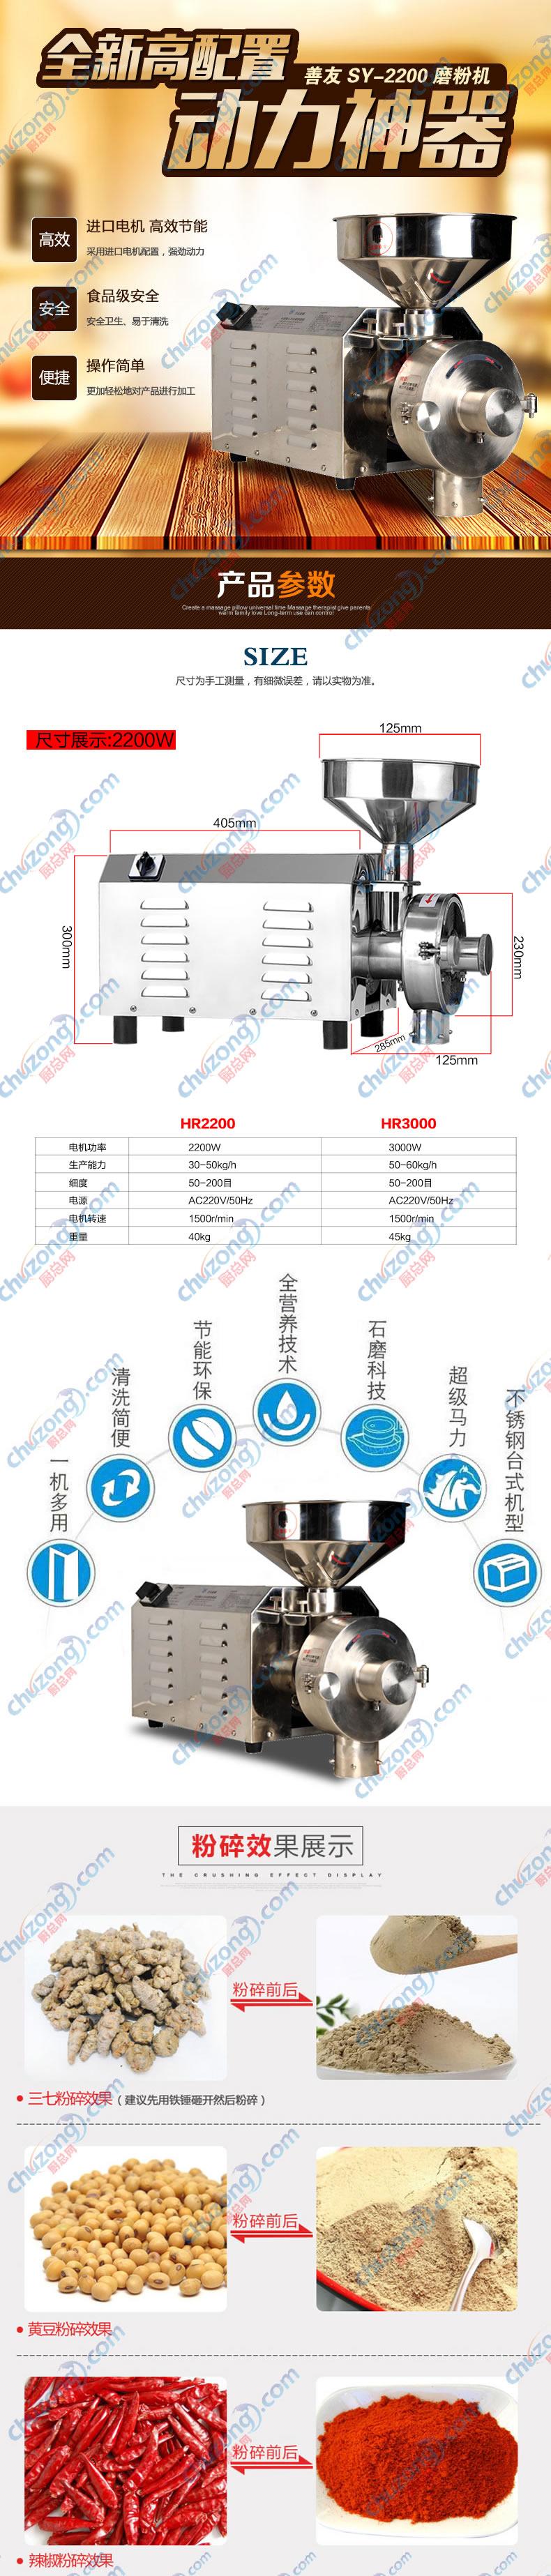 善友磨粉机SY-2200详情图